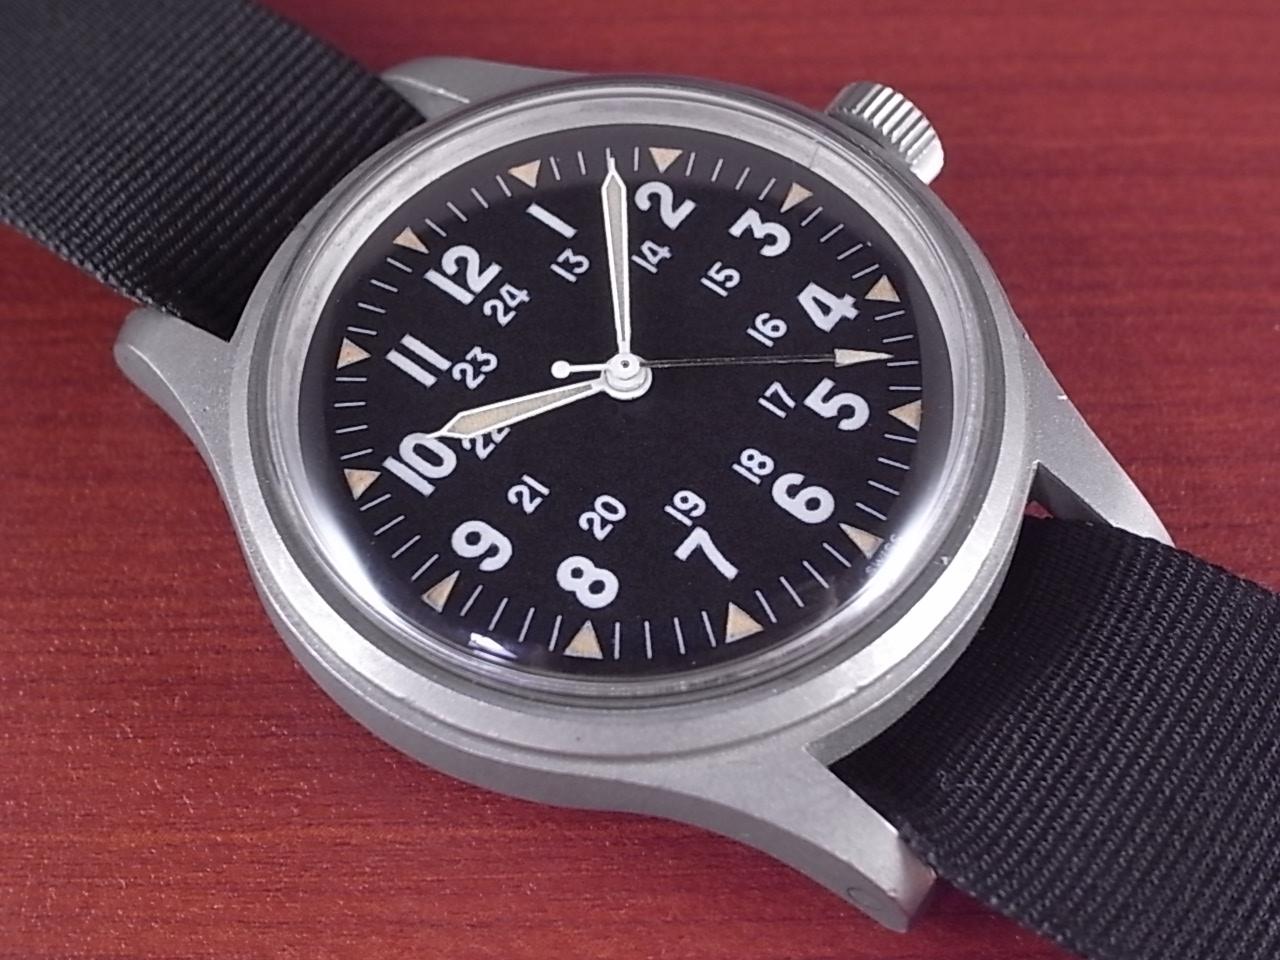 ハミルトン アメリカ空軍 FAPD 5101 TYPE1ナビゲーション ベトナム戦争 1970年代のメイン写真